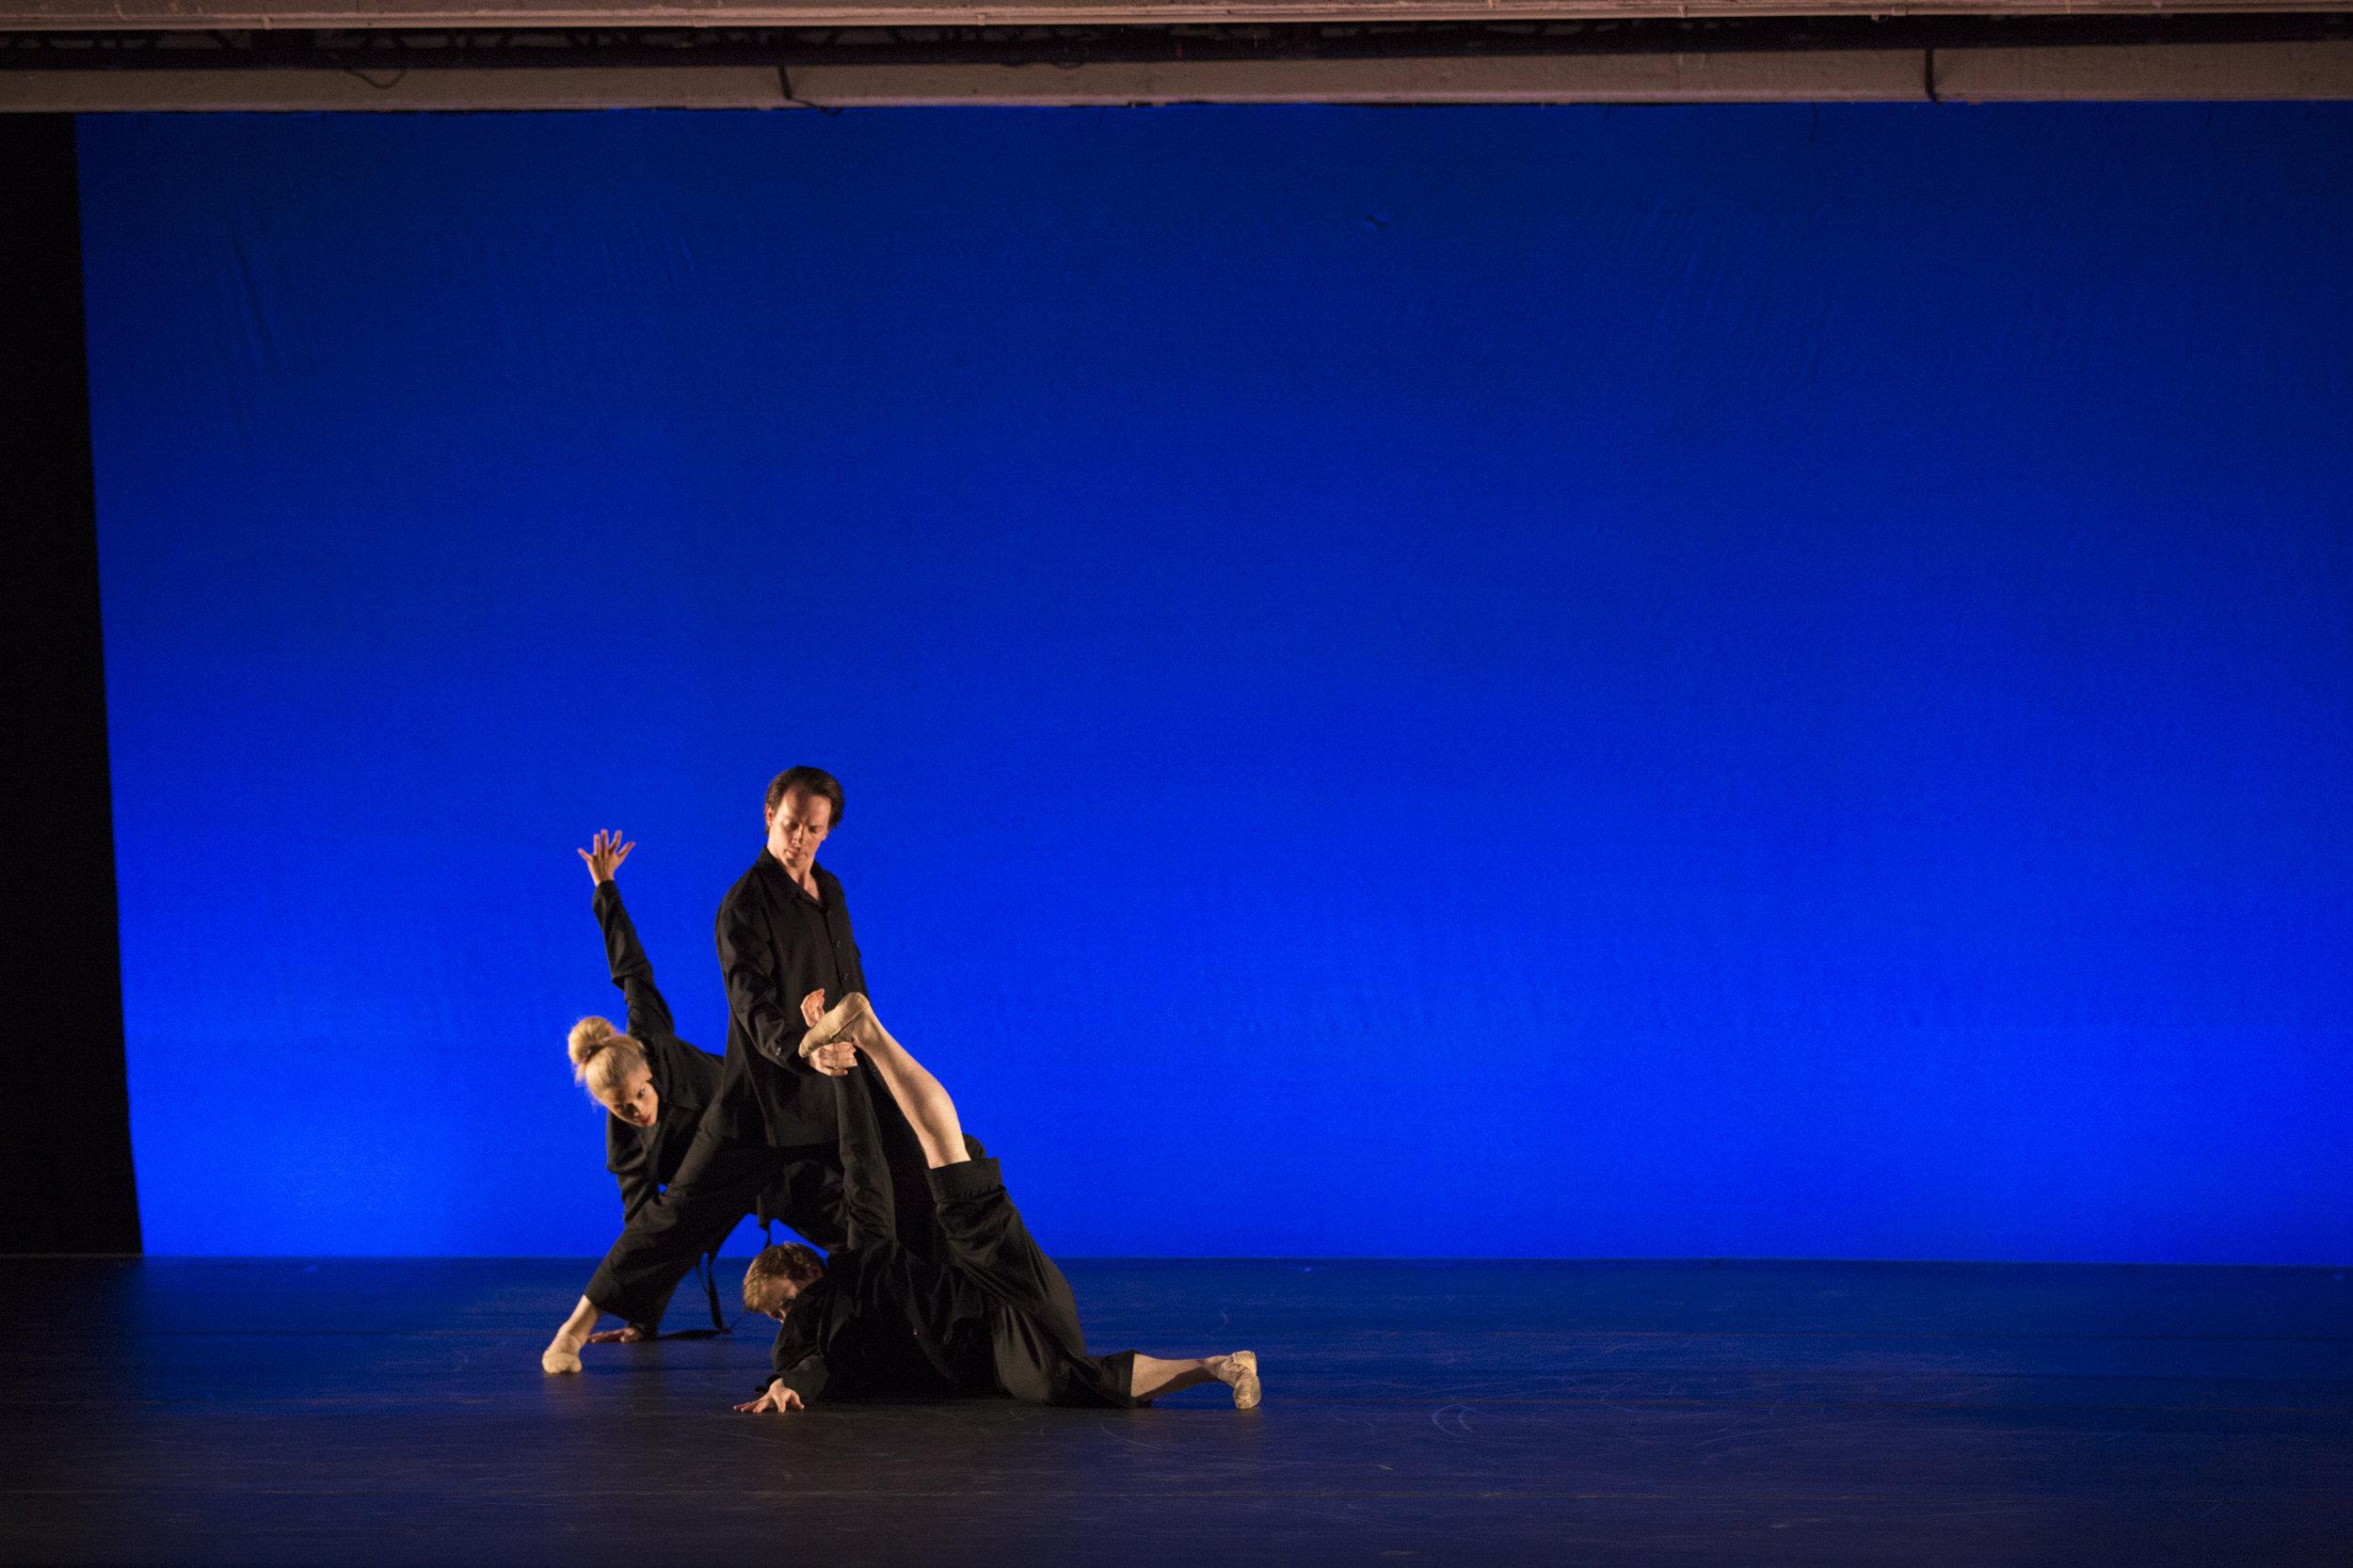 Cirio-Collective-Hudson-Valley-Dance-Festival-2017-photo by @franciscograciano-8363.jpg